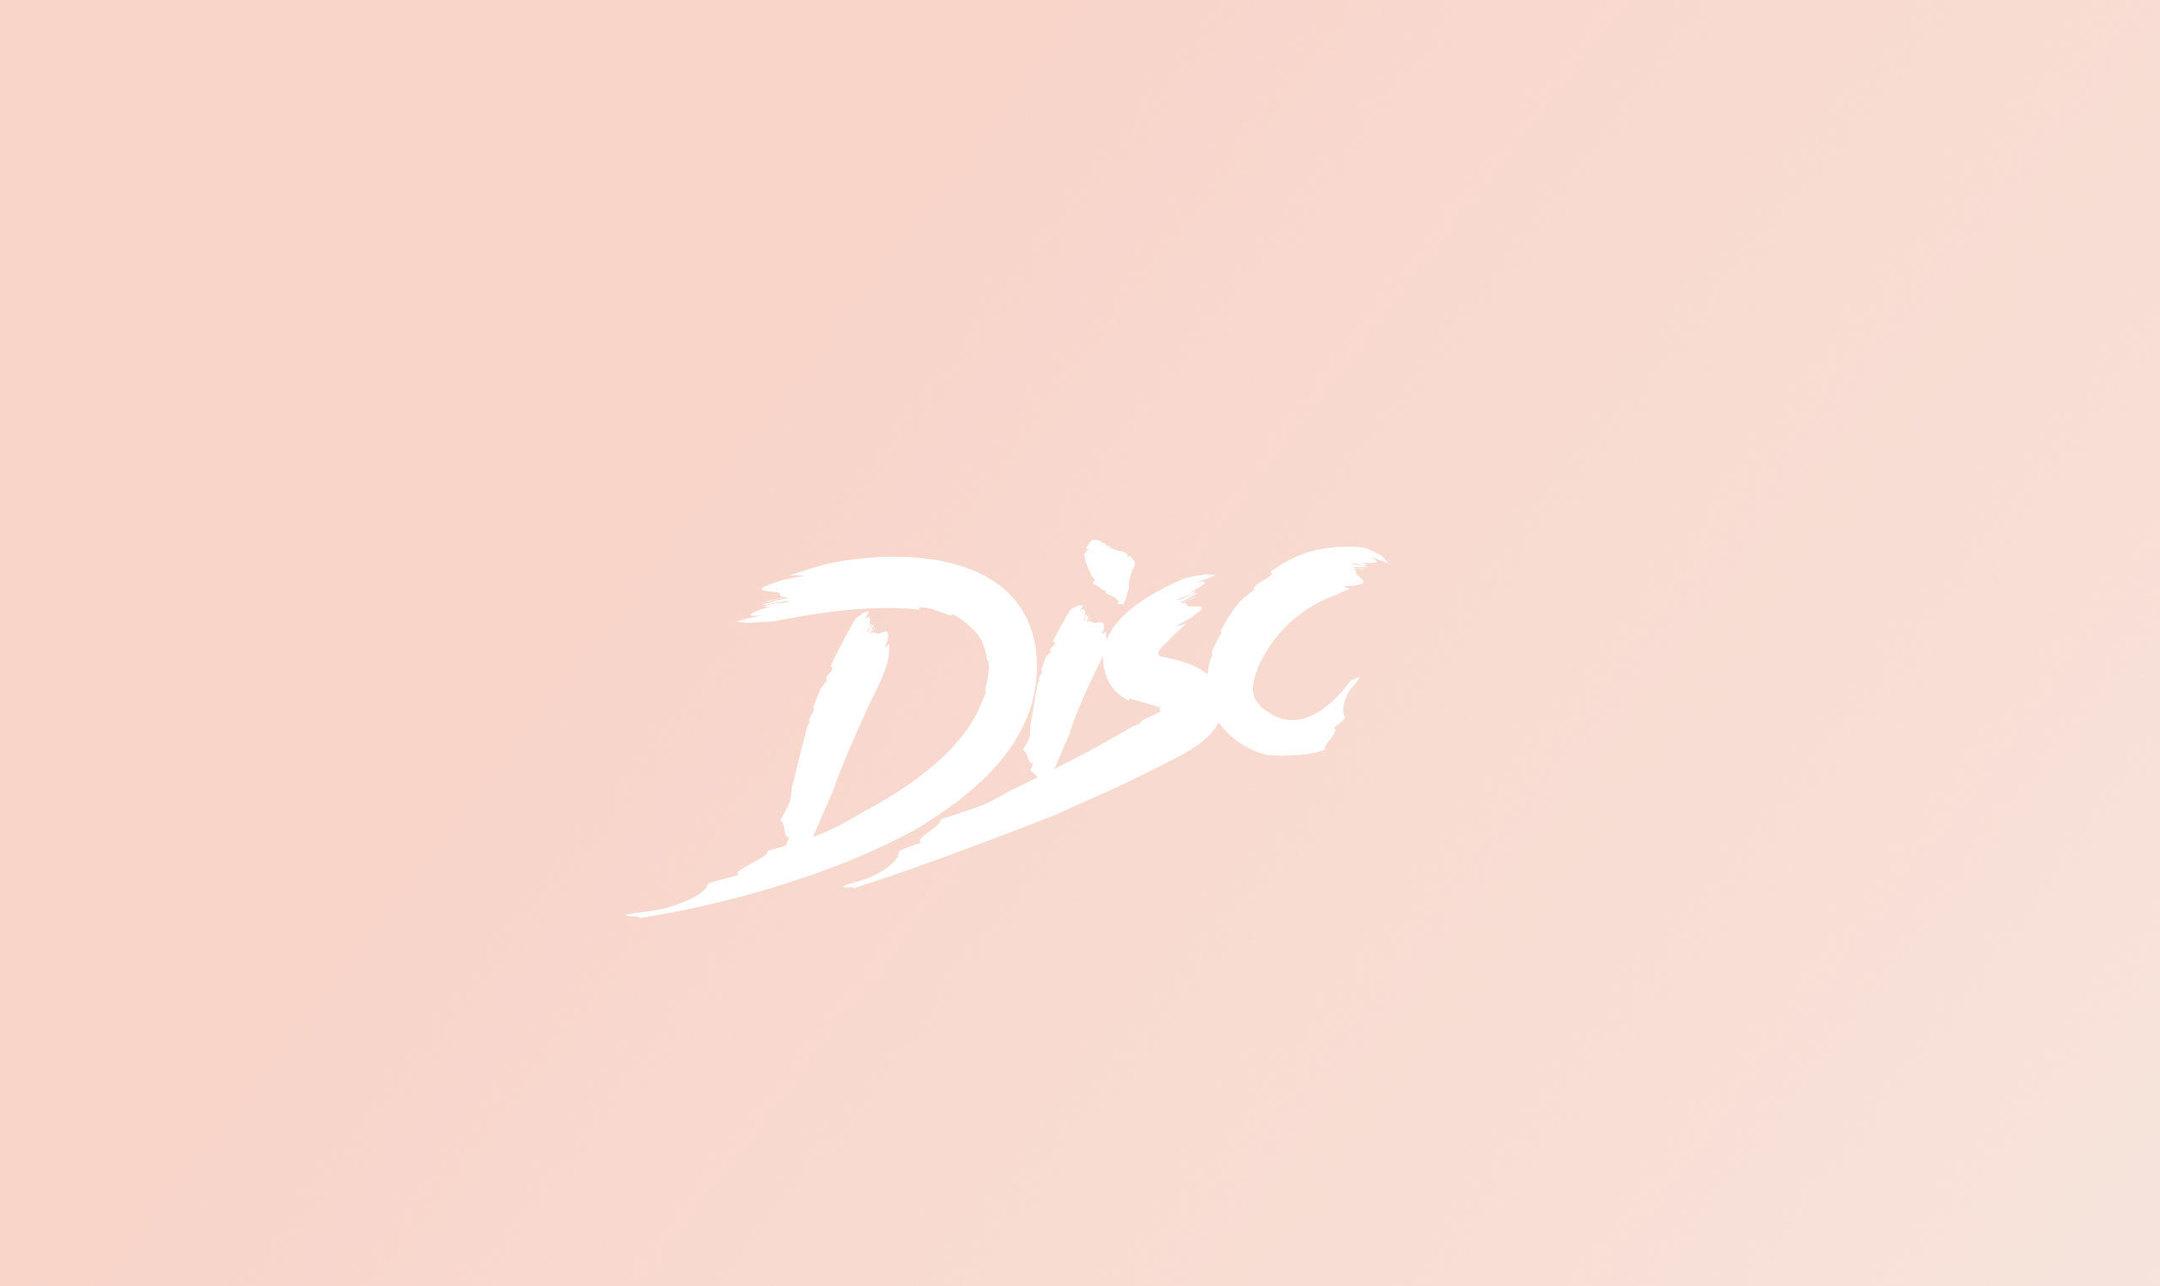 Full disc